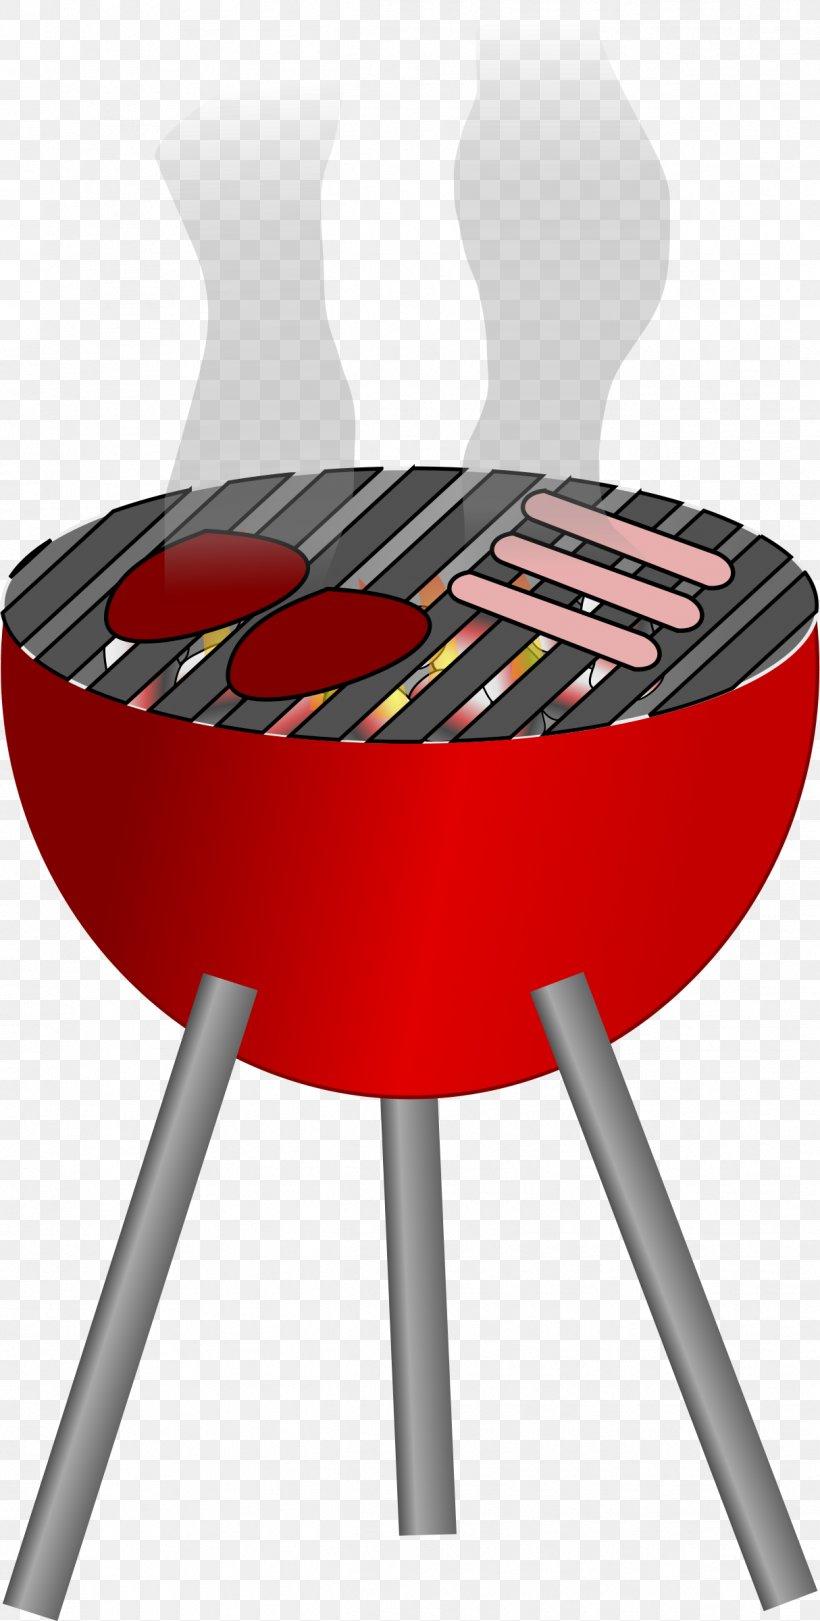 Barbecue Grill Hamburger Shish Kebab Cheese Sandwich Barbecue Chicken, PNG, 1214x2400px, Barbecue Grill, Barbecue Chicken, Barbecuesmoker, Cheese Sandwich, Cooking Download Free